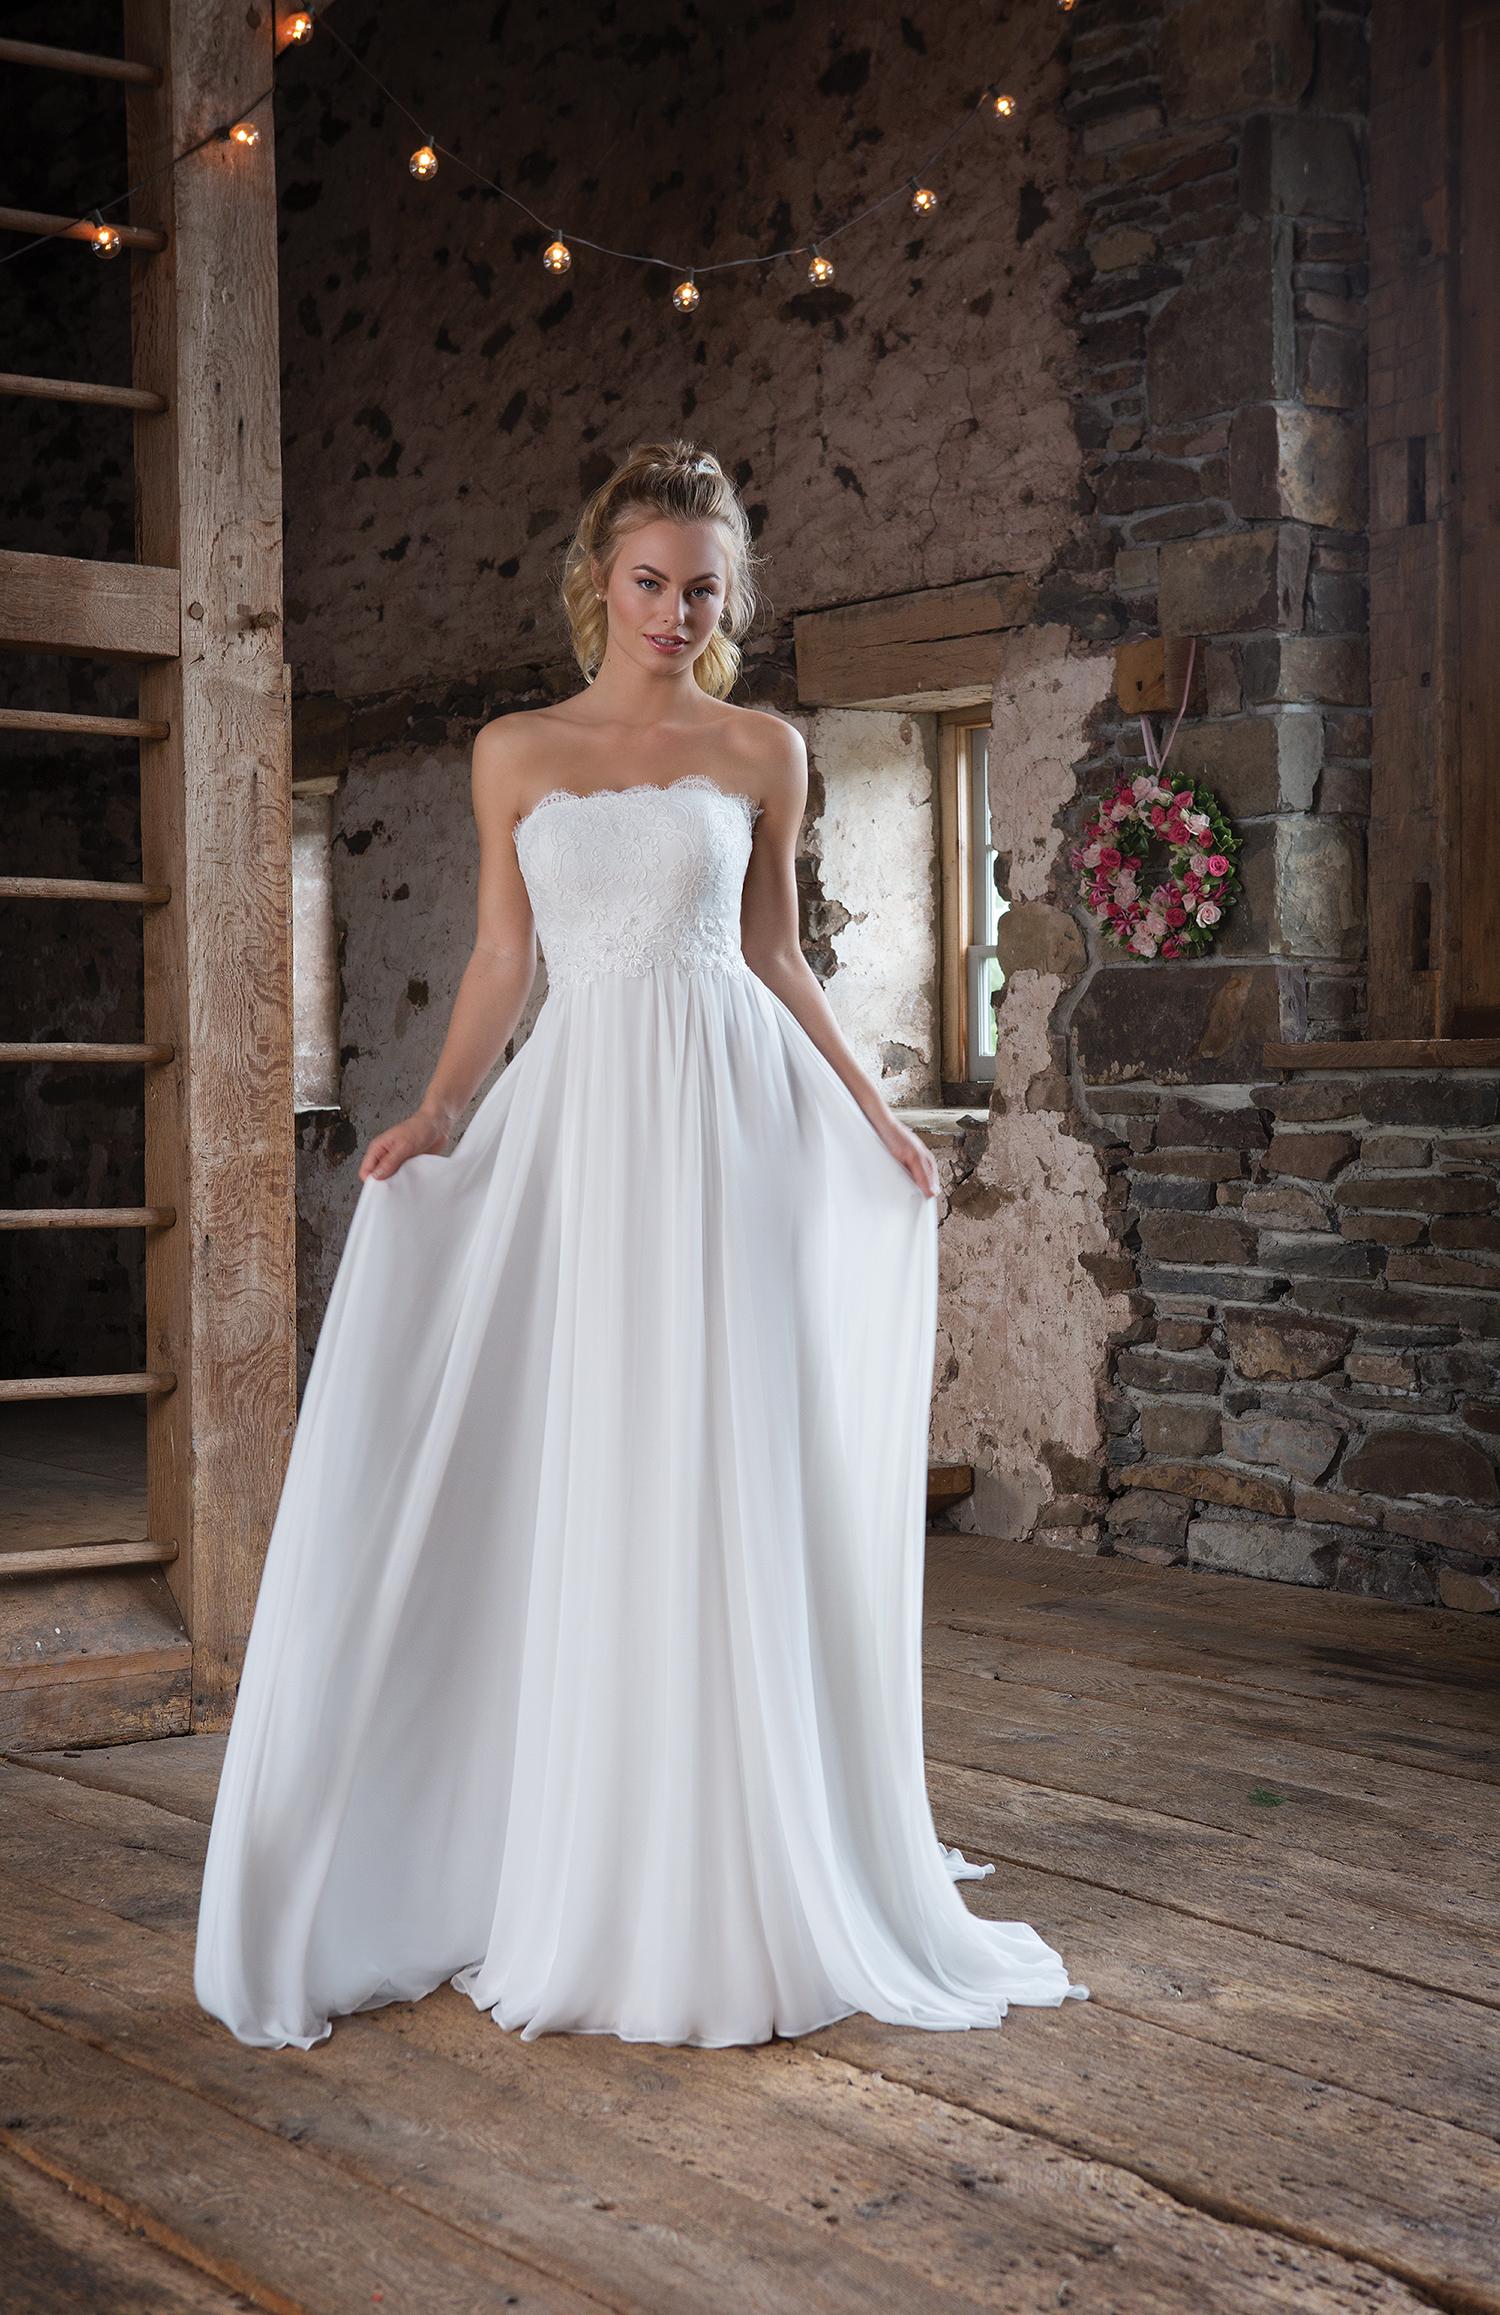 Das Sweetheart Brautkleid Herbst/Winter 20 - Heiraten & Hochzeit